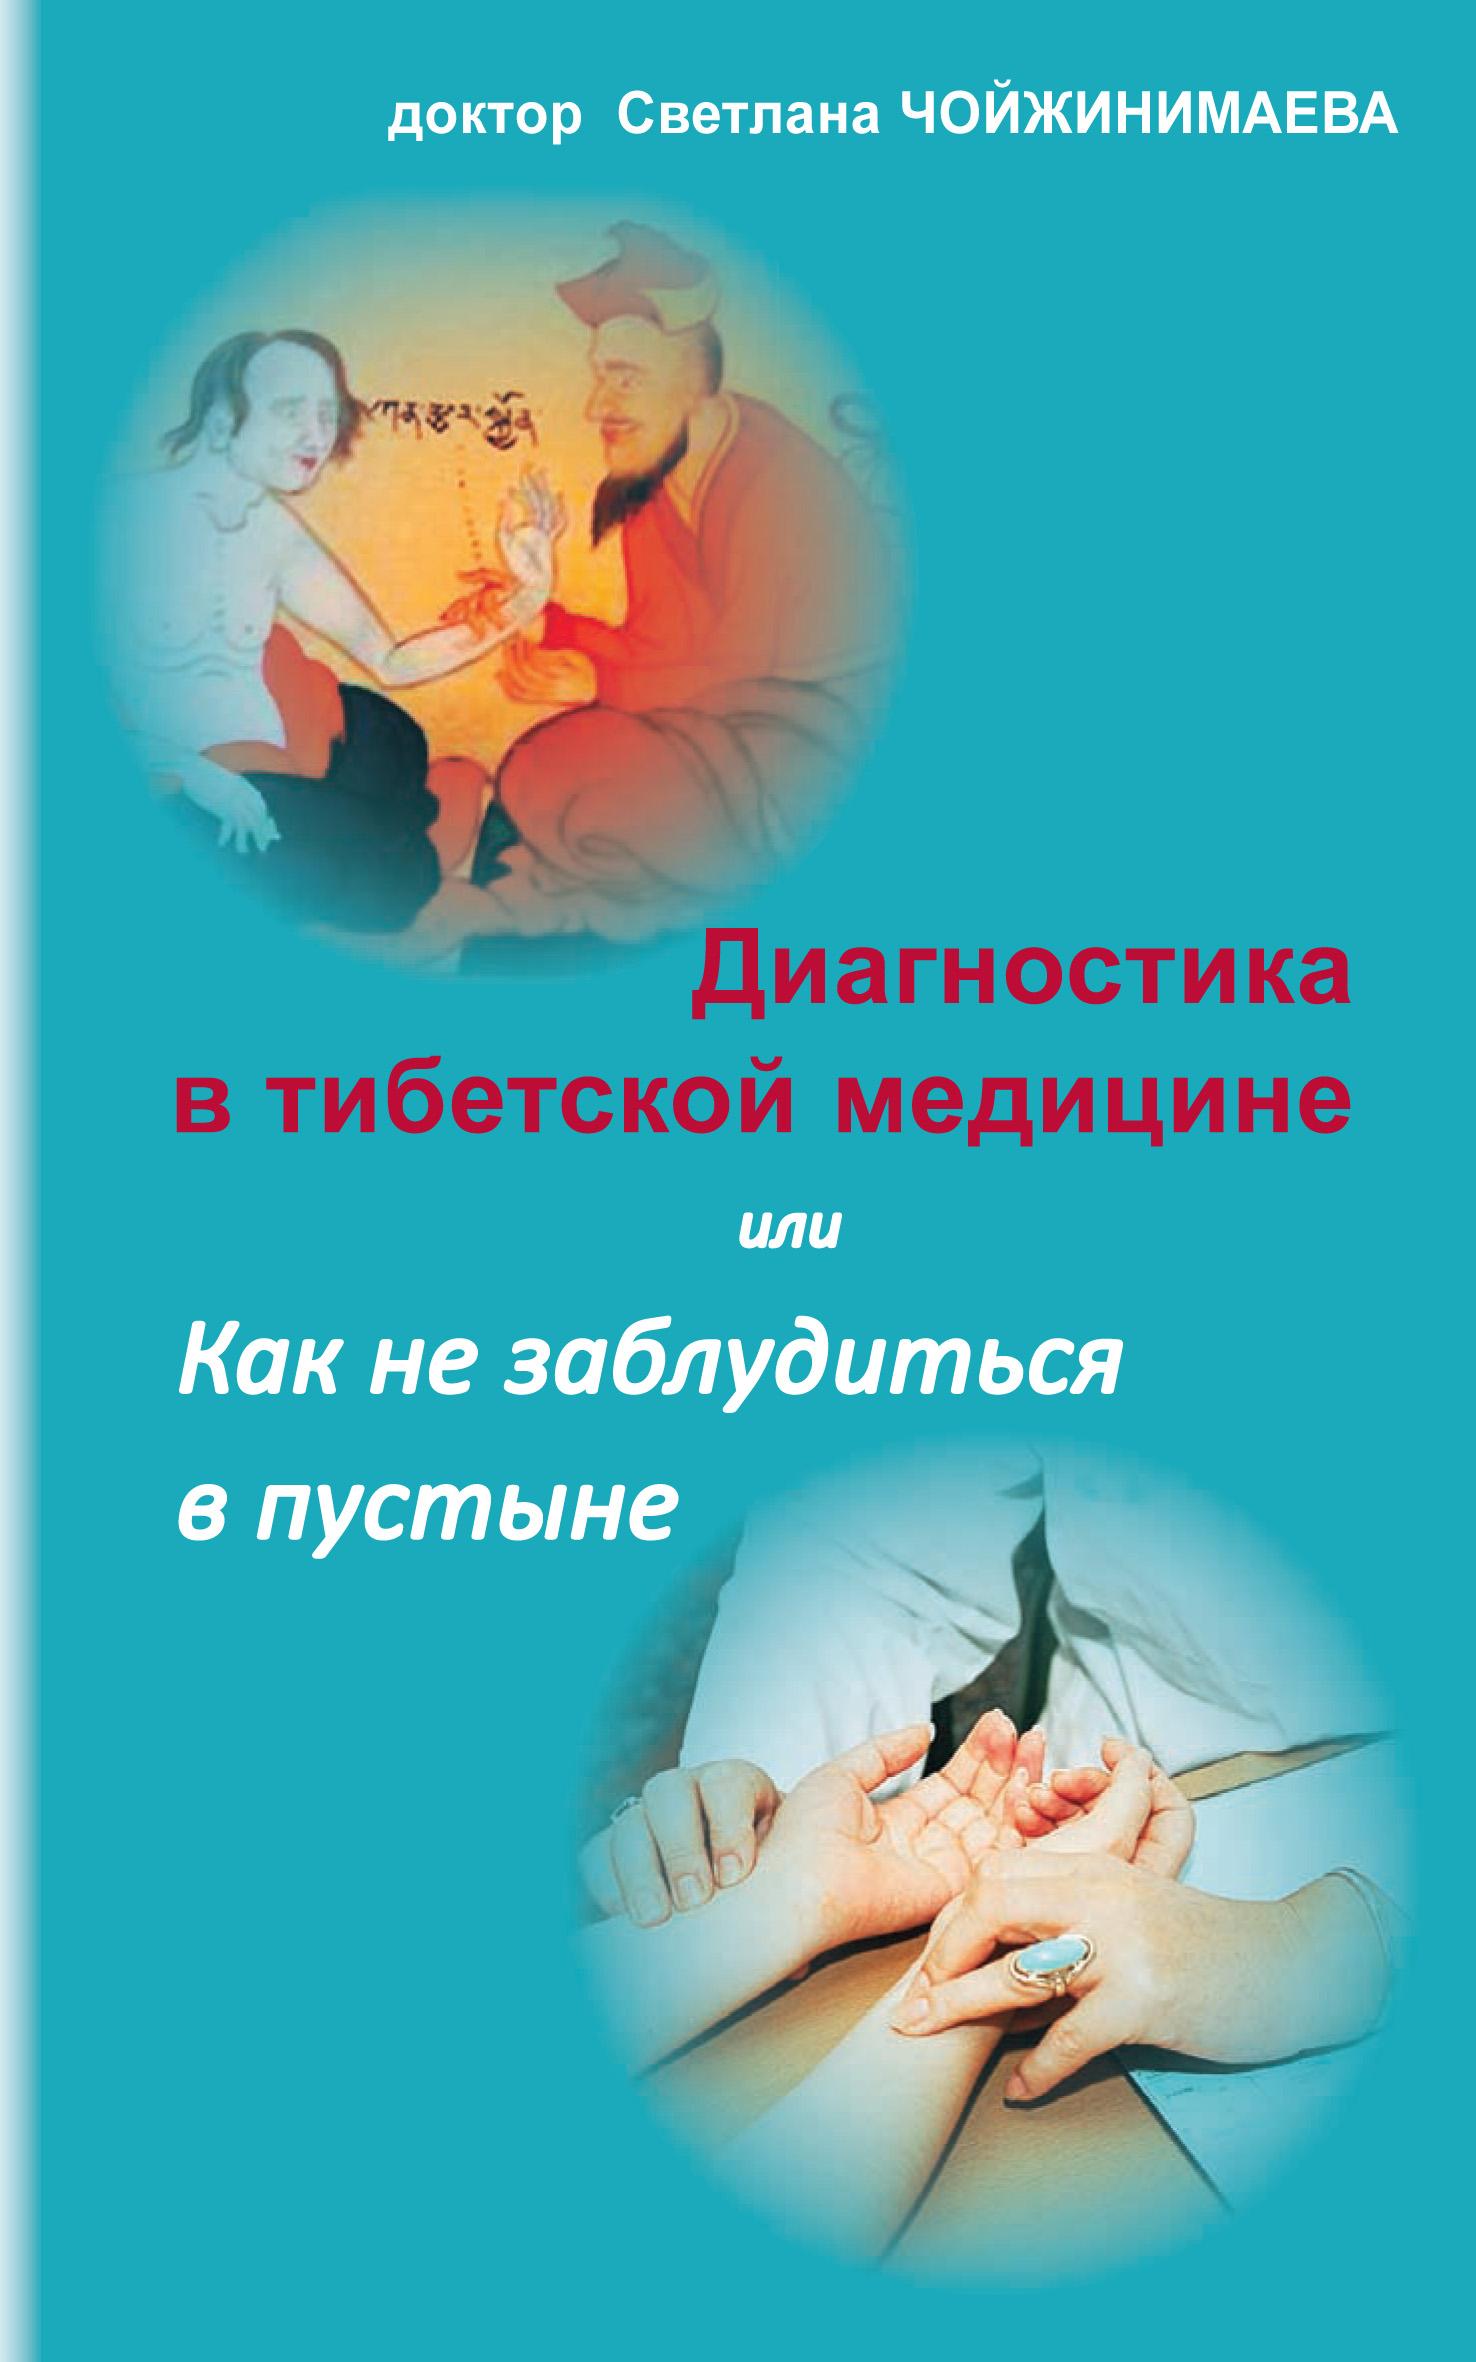 Светлана Чойжинимаева Диагностика в тибетской медицине, или Как не заблудиться в пустыне чойжинимаева с вкусное питание тибетская врачебная наука об искусстве еды